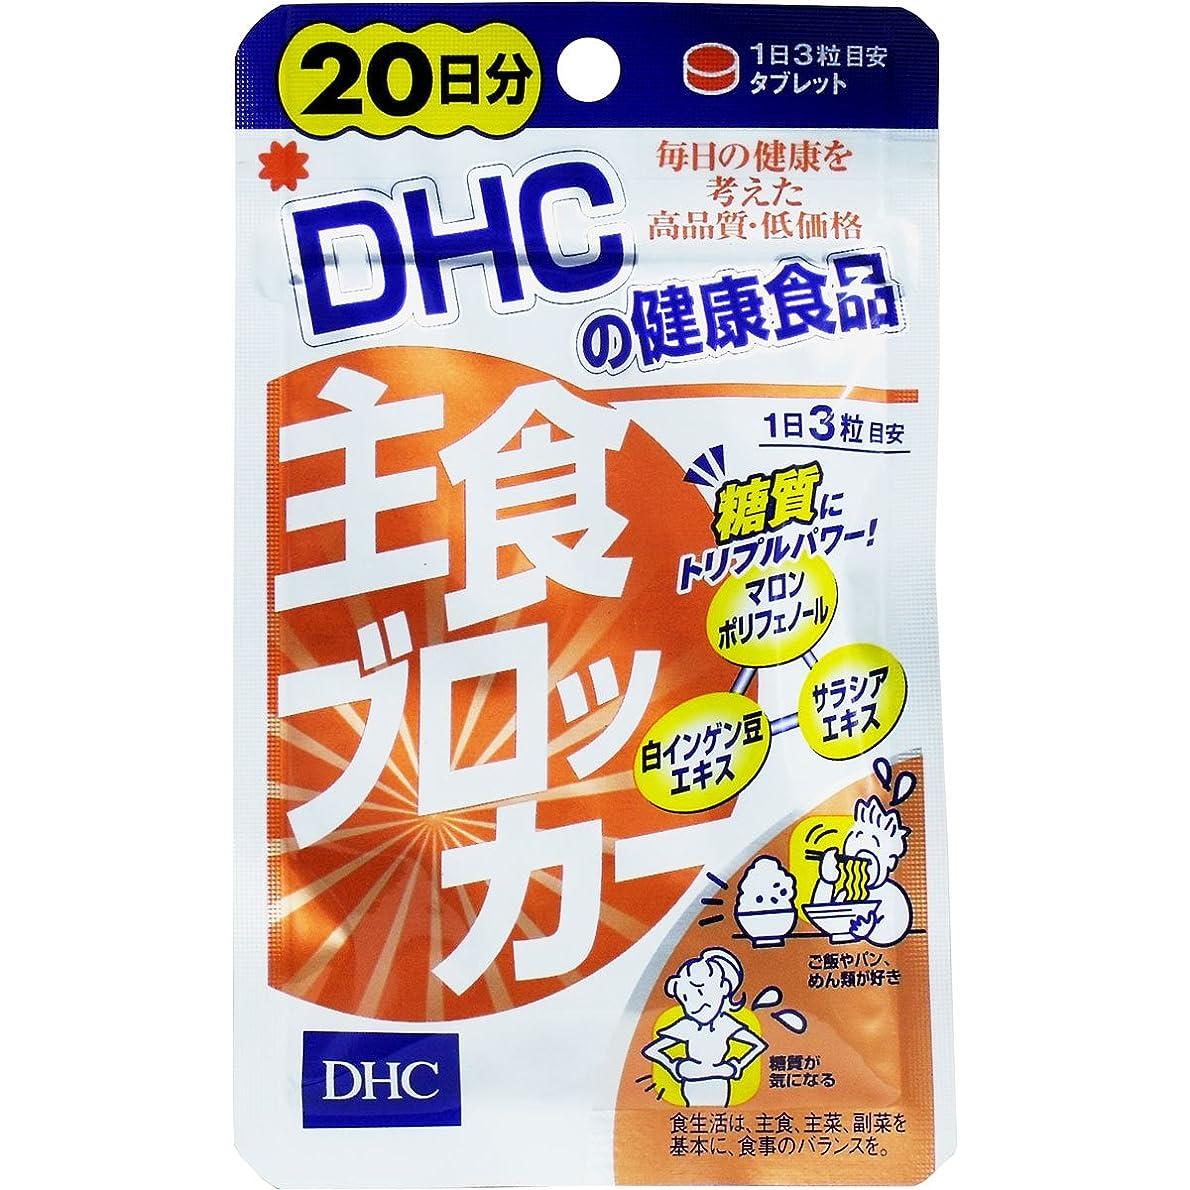 チート市場フラグラント【DHC】主食ブロッカー 20日分 60粒 ×5個セット